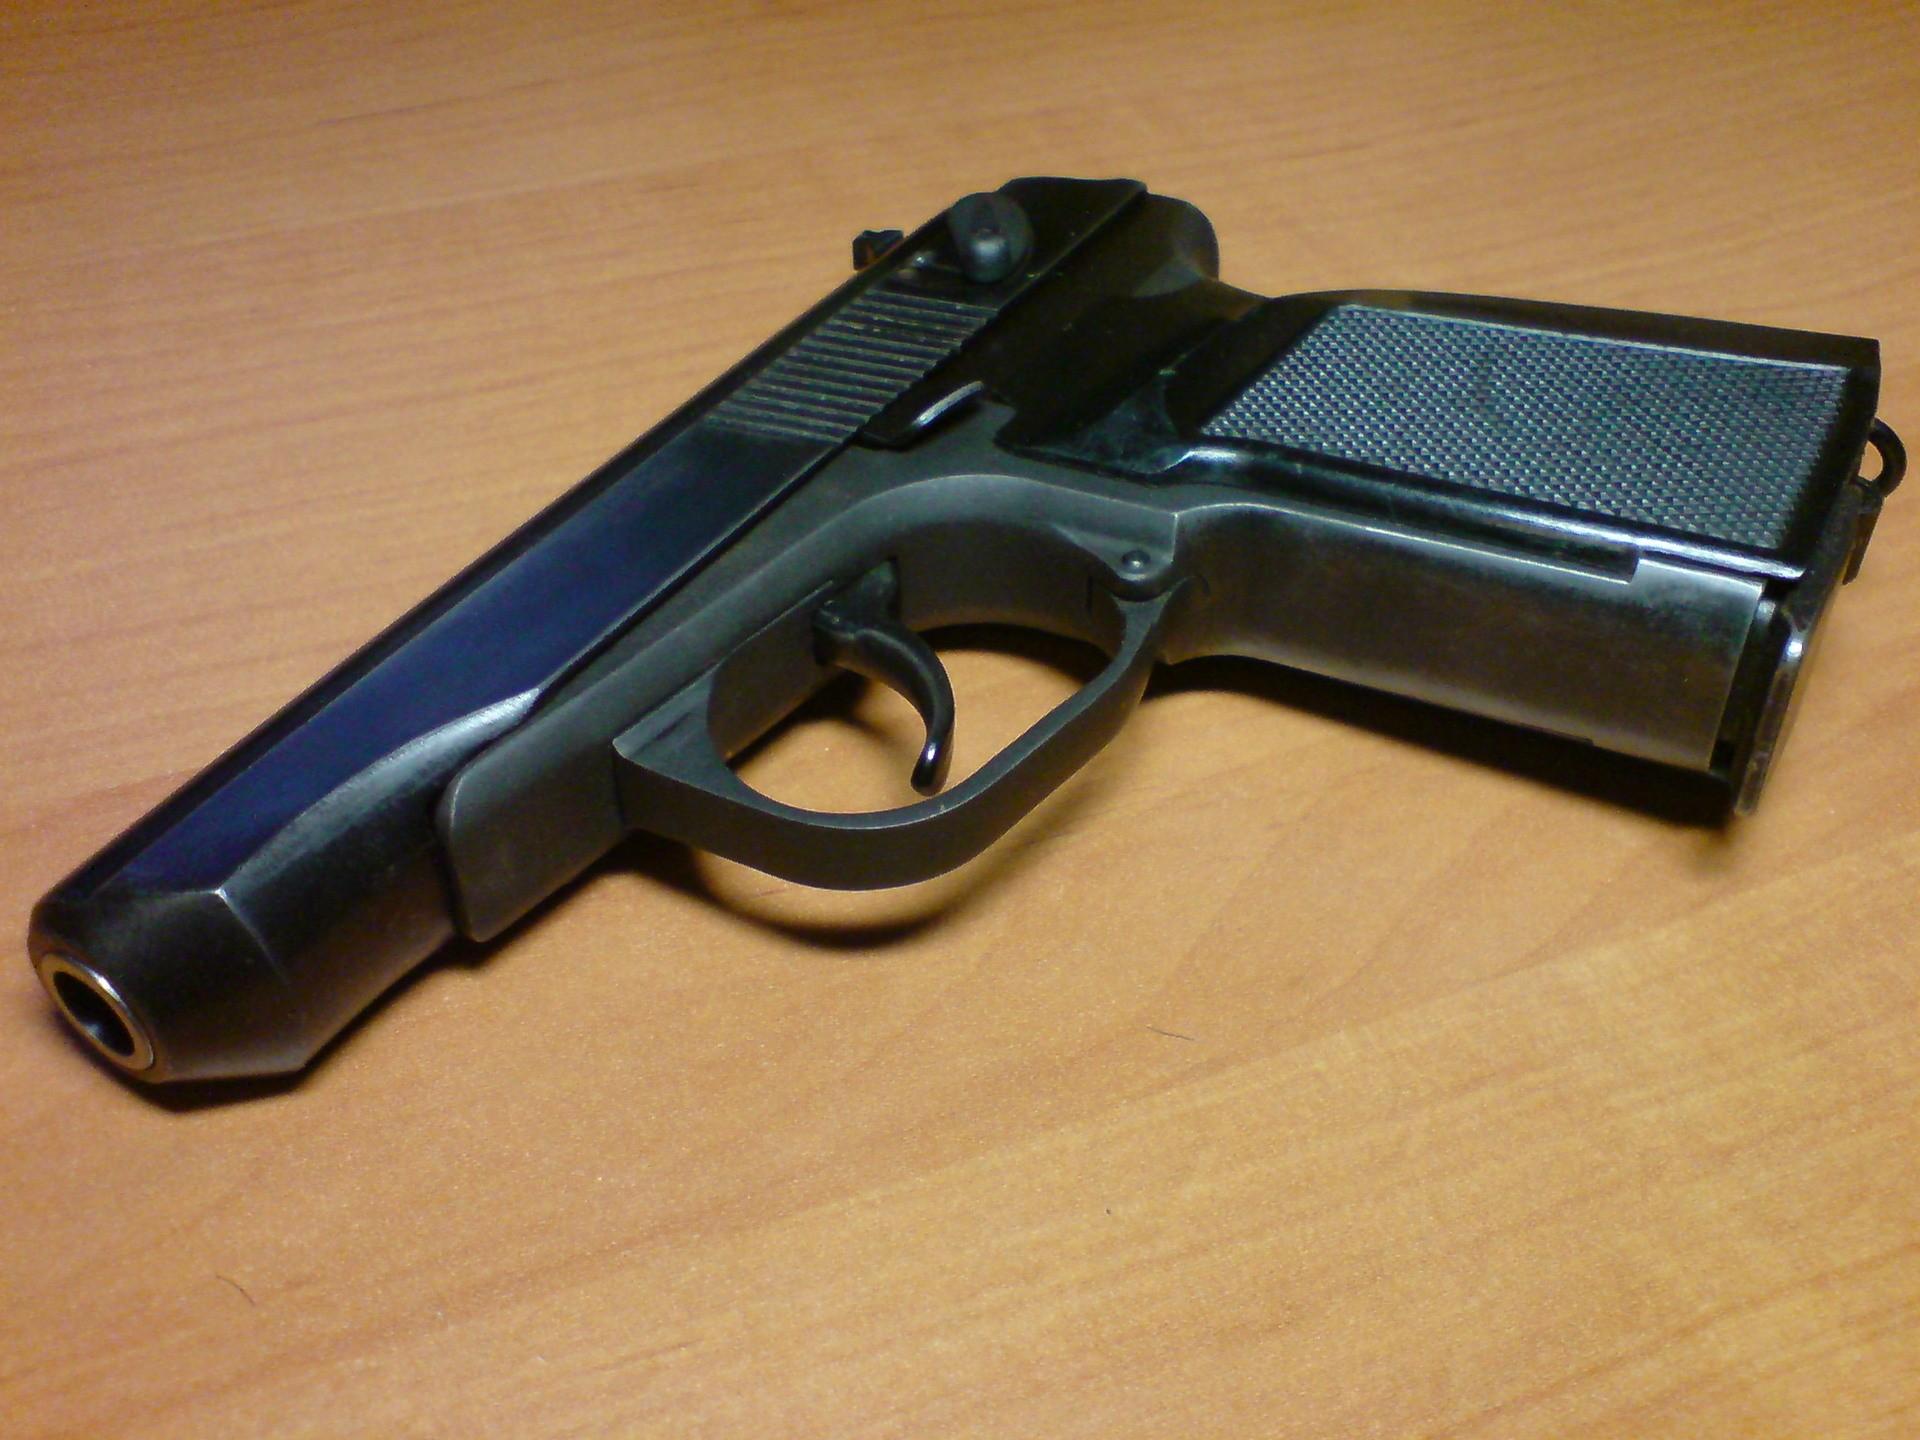 Гражданин Оби стрелял пошколе из-за громкой музыки— СКР